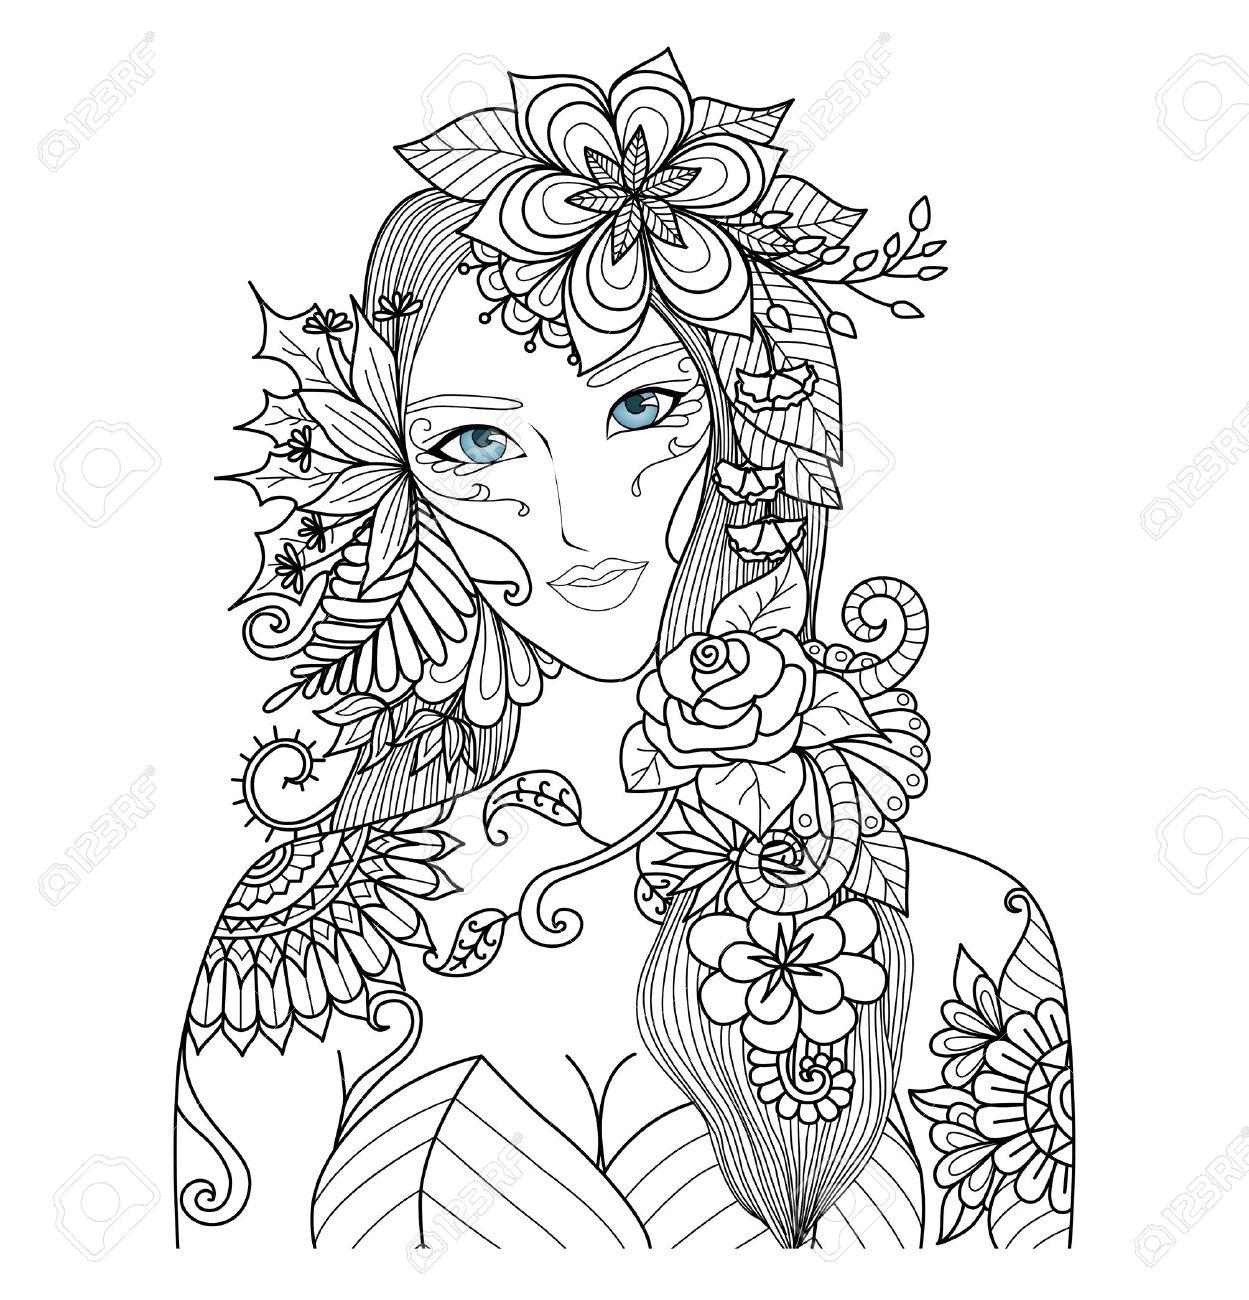 大人の塗り絵の美しい森の妖精のイラスト素材ベクタ Image 49744353